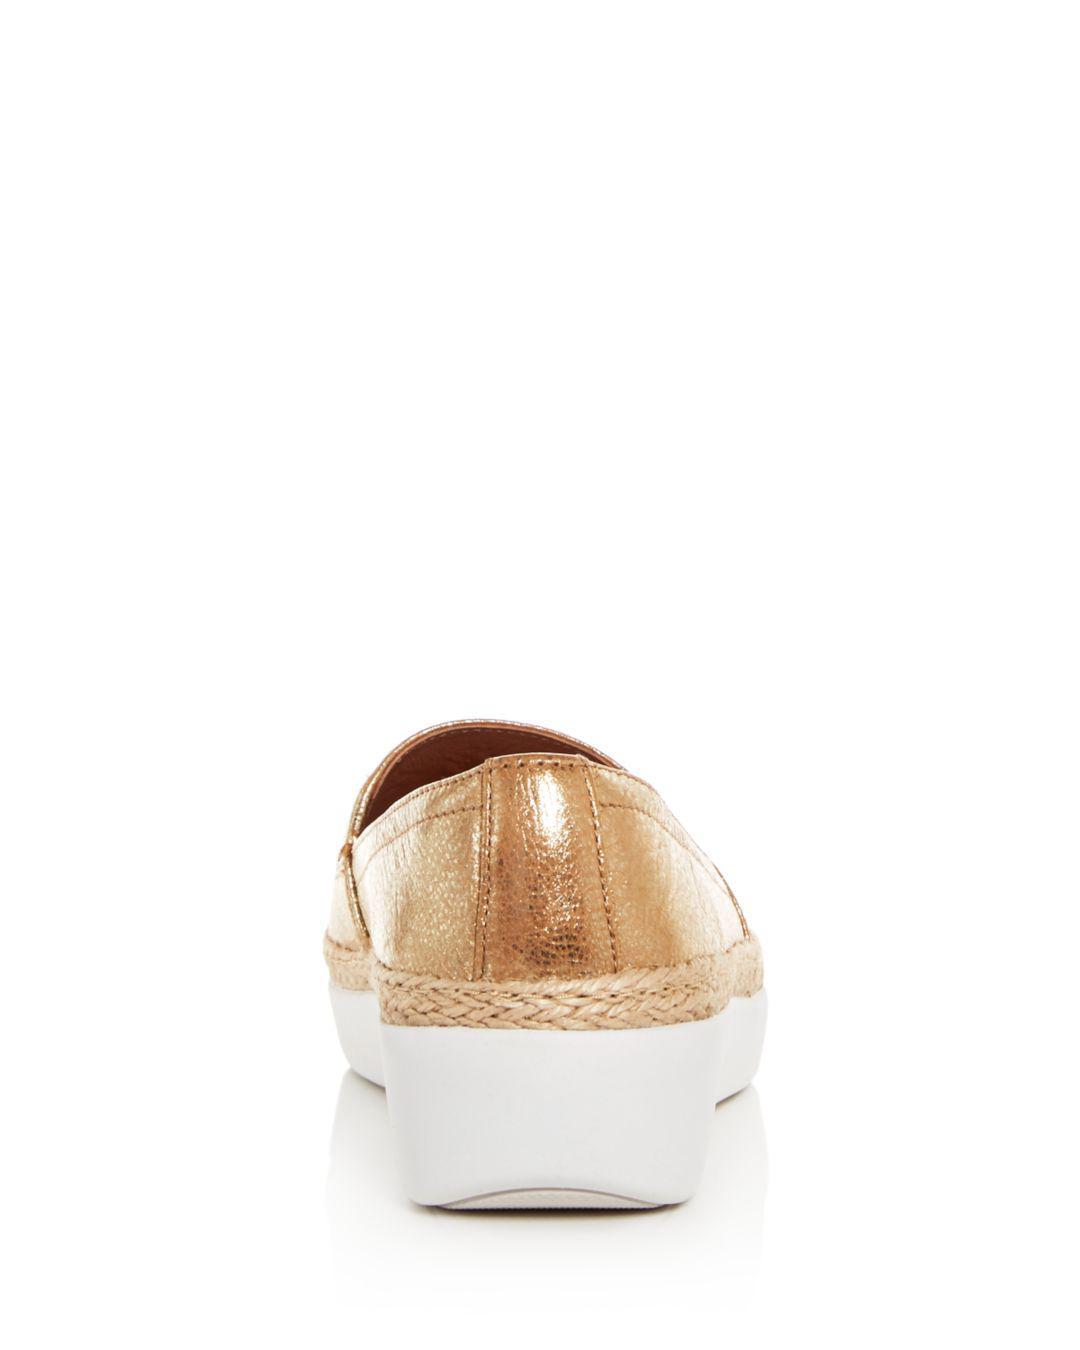 80cd59ee9d7 Lyst - Fitflop Women s Casa Leather Sneaker Loafers in Metallic